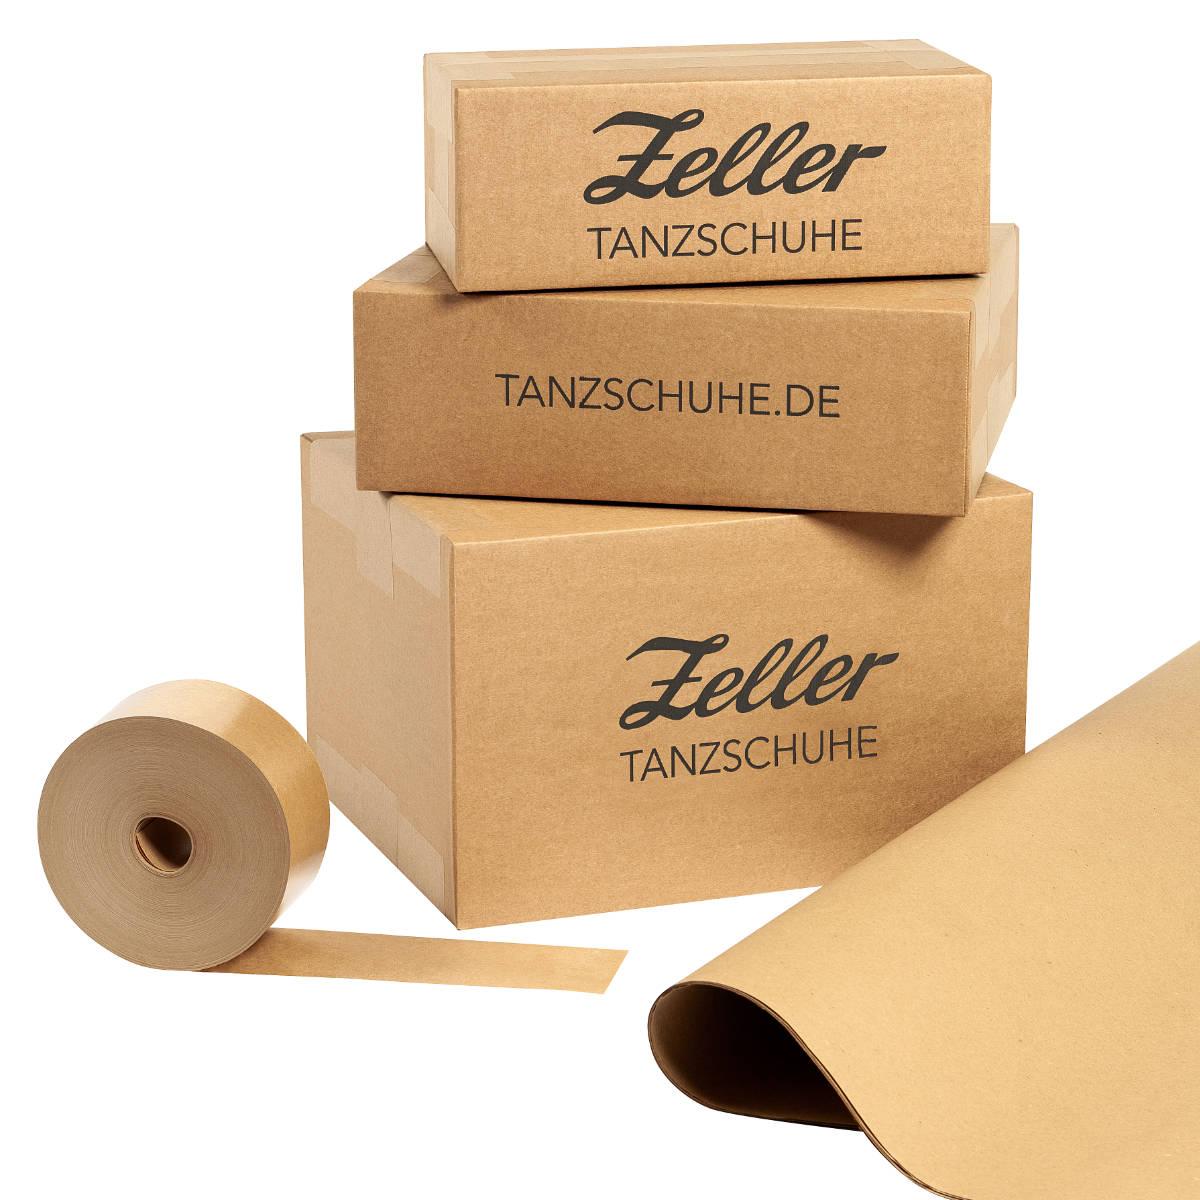 Unsere Verpackungen bestehen aus 100% recyceltem Papier